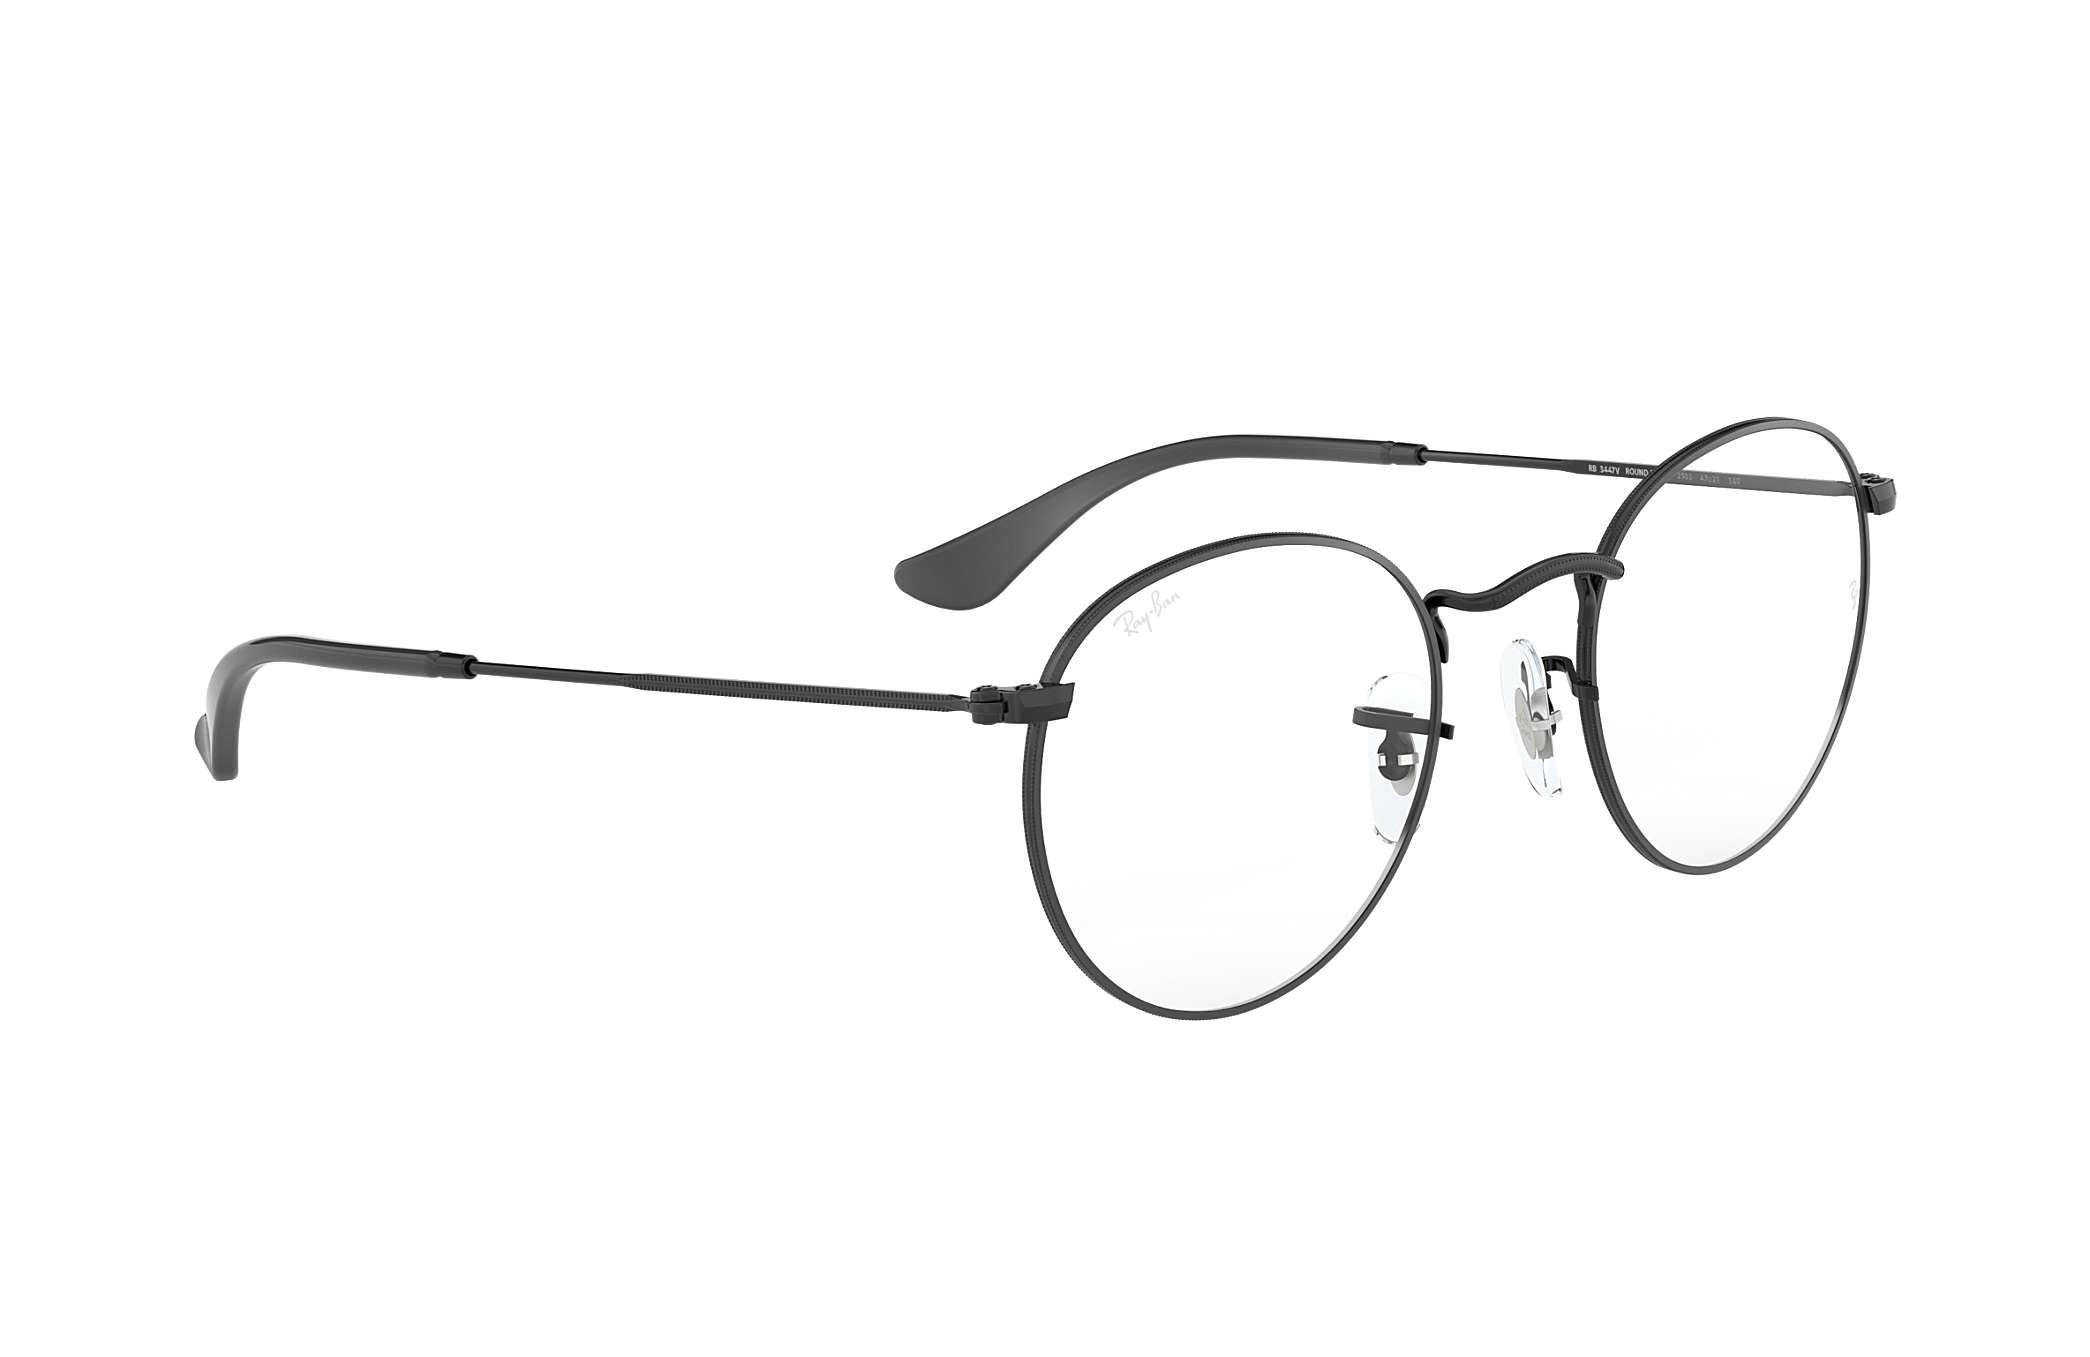 fb294b209 Ray-Ban prescription glasses Round Metal Optics RB3447V Black ...